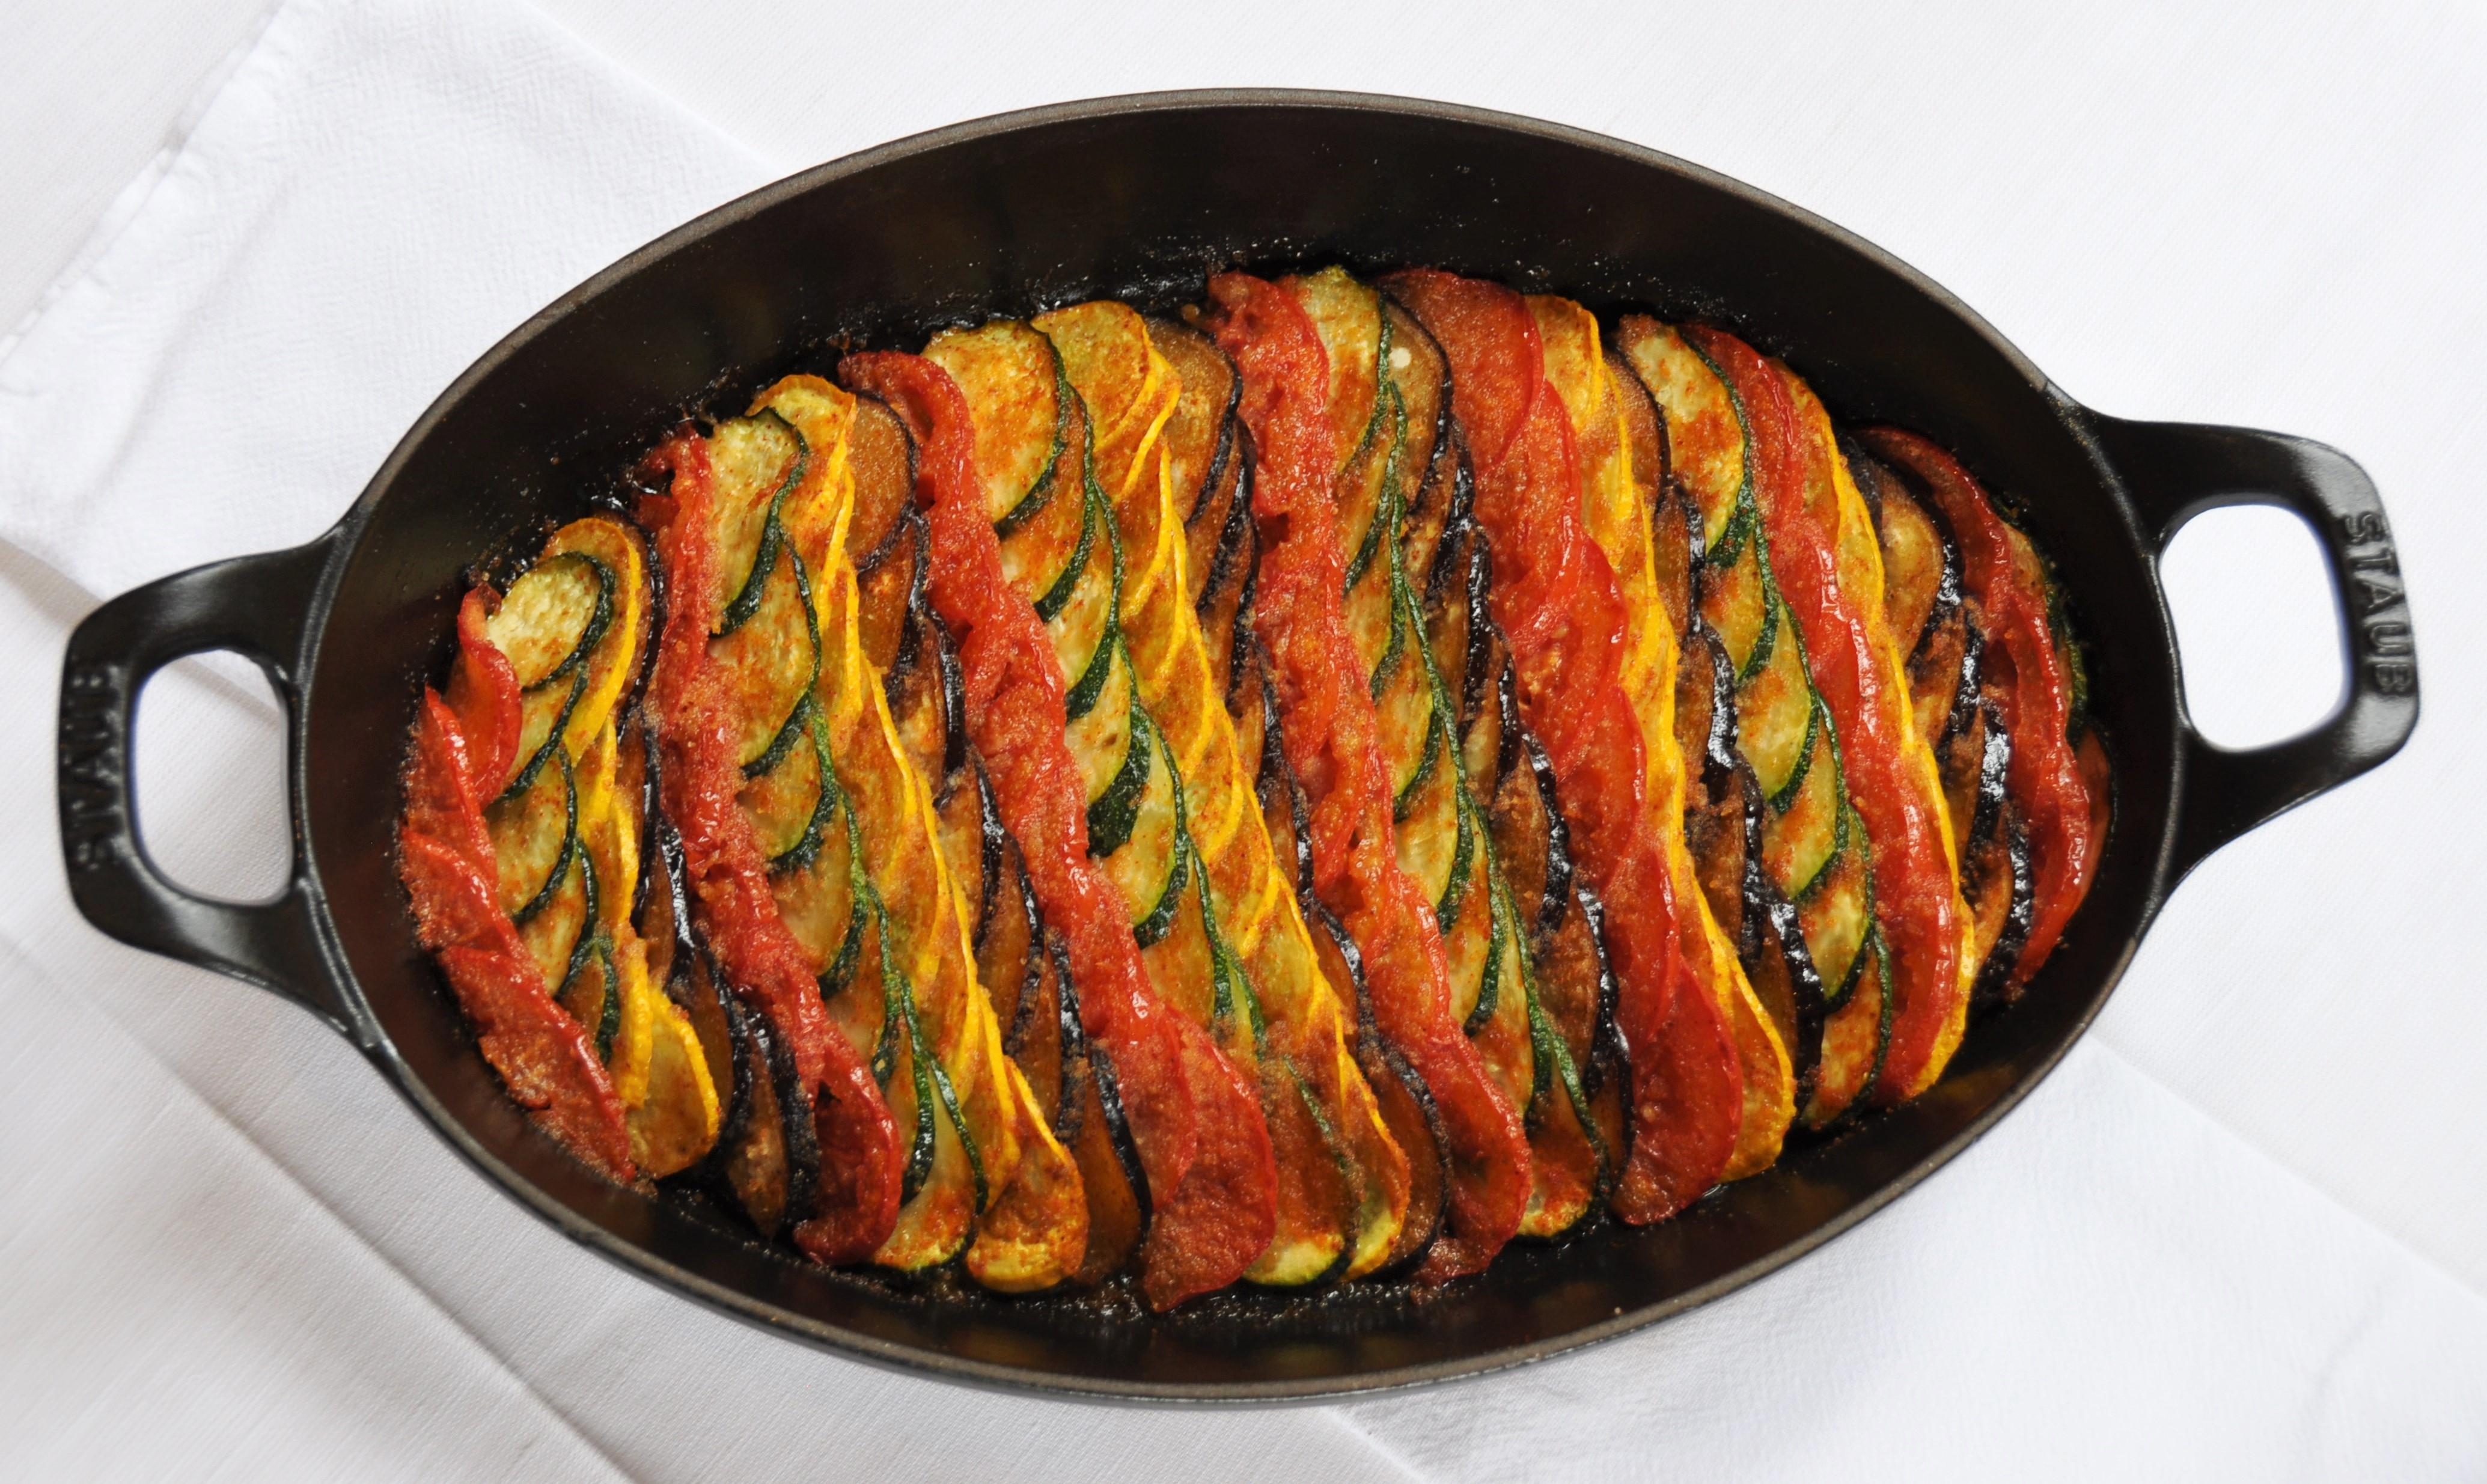 Recette Facile Du Tian Provencal tian de legumes